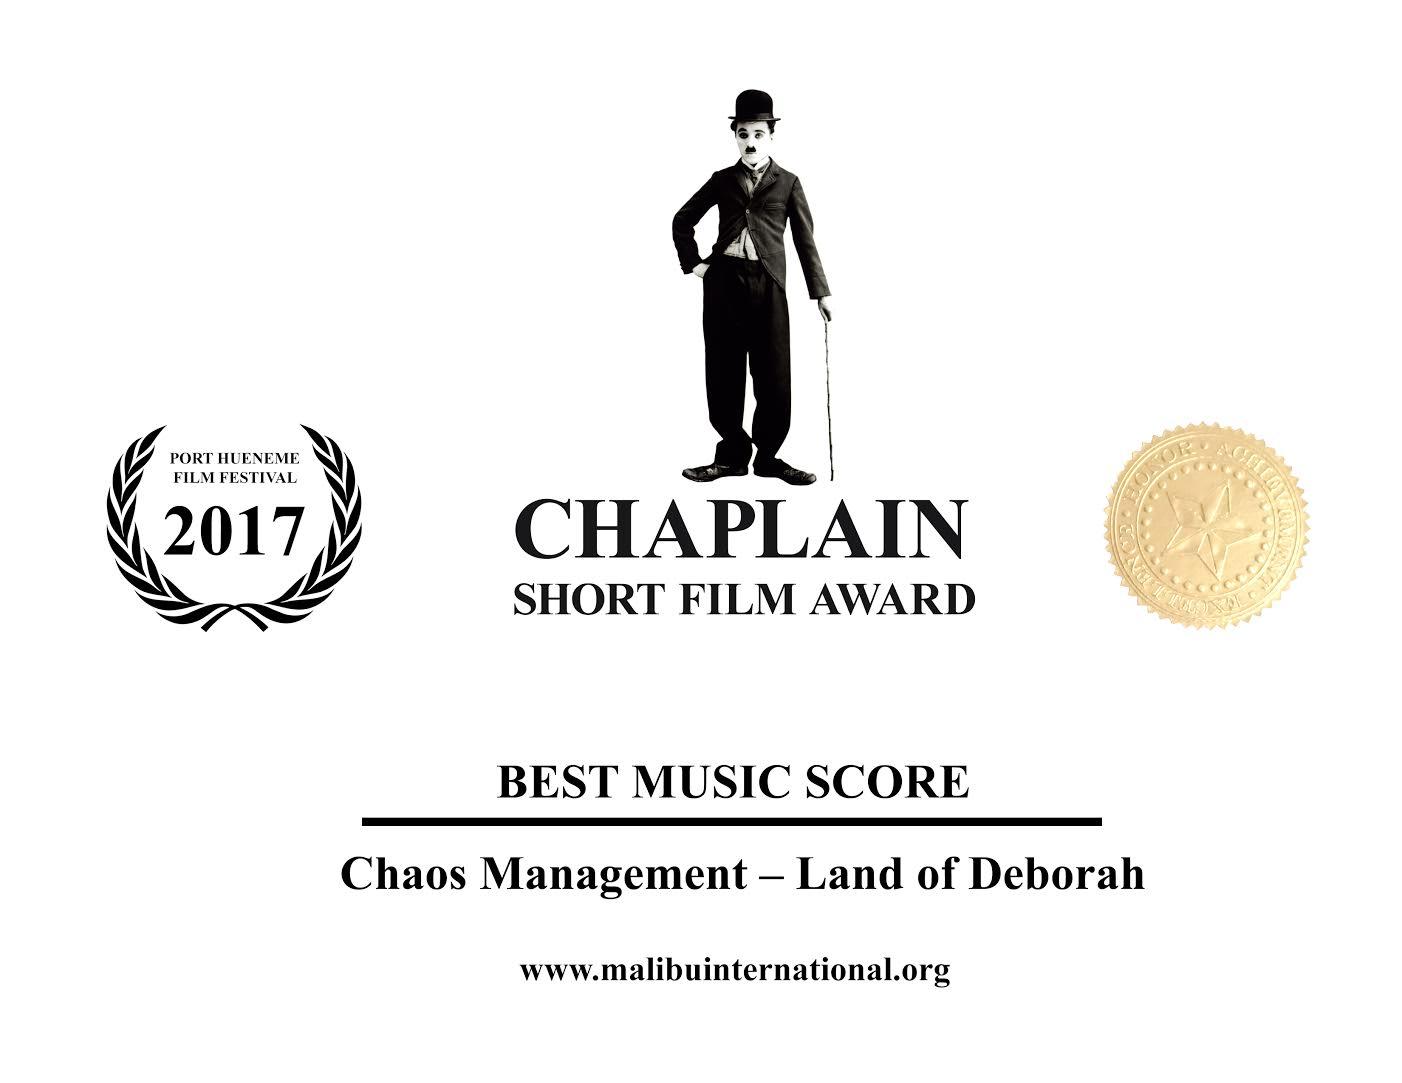 Chaplain Award Best Score 2017